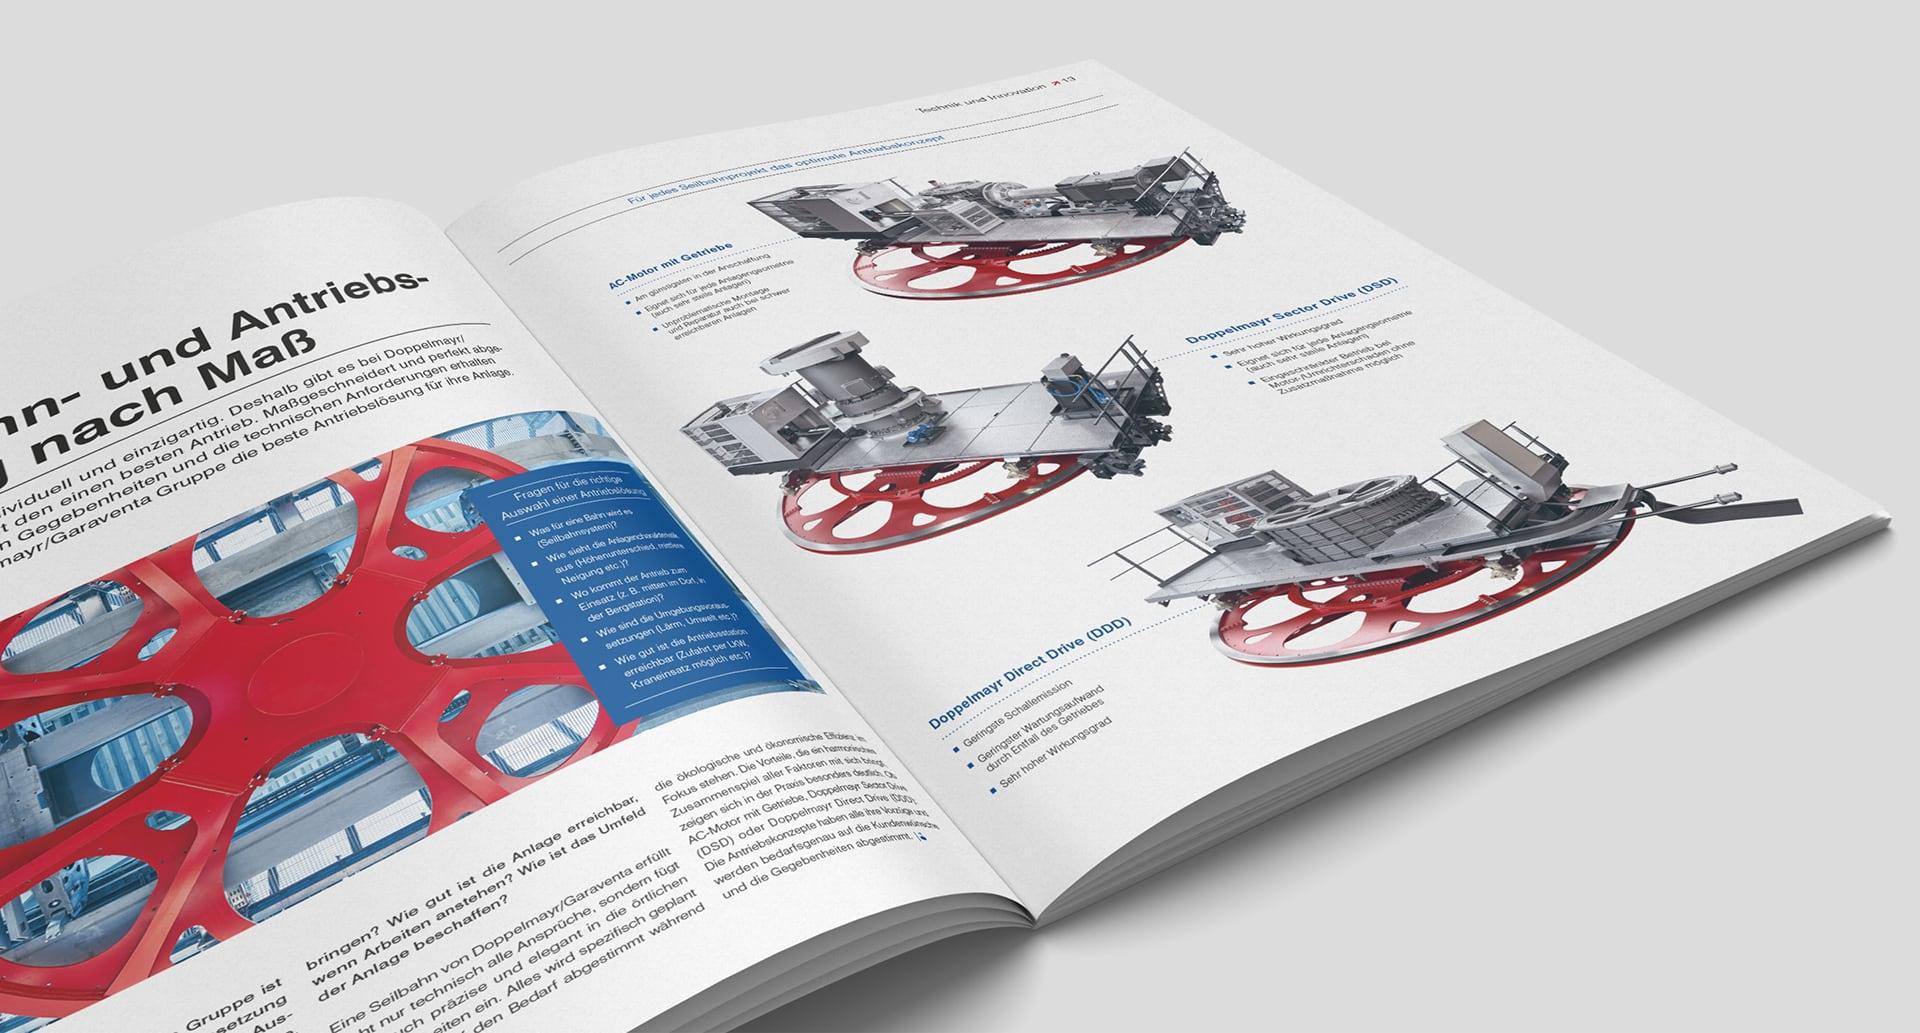 Doppelmayr Kundenmagazin WIR – Innenseite zum Thema Technik und Innovation